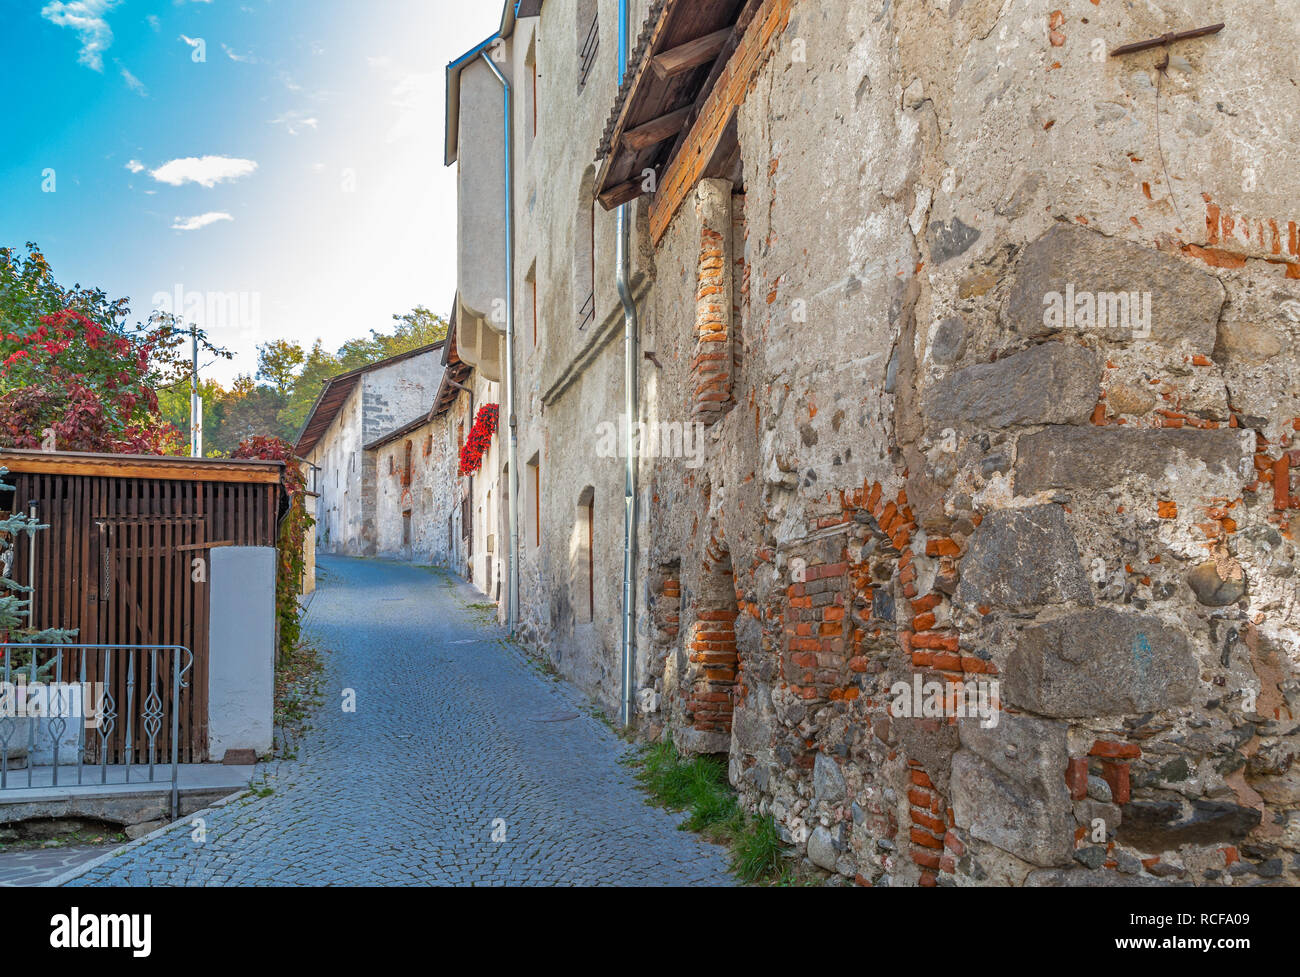 Case sulle mura della città di Brunico, Alto Adige Foto Stock